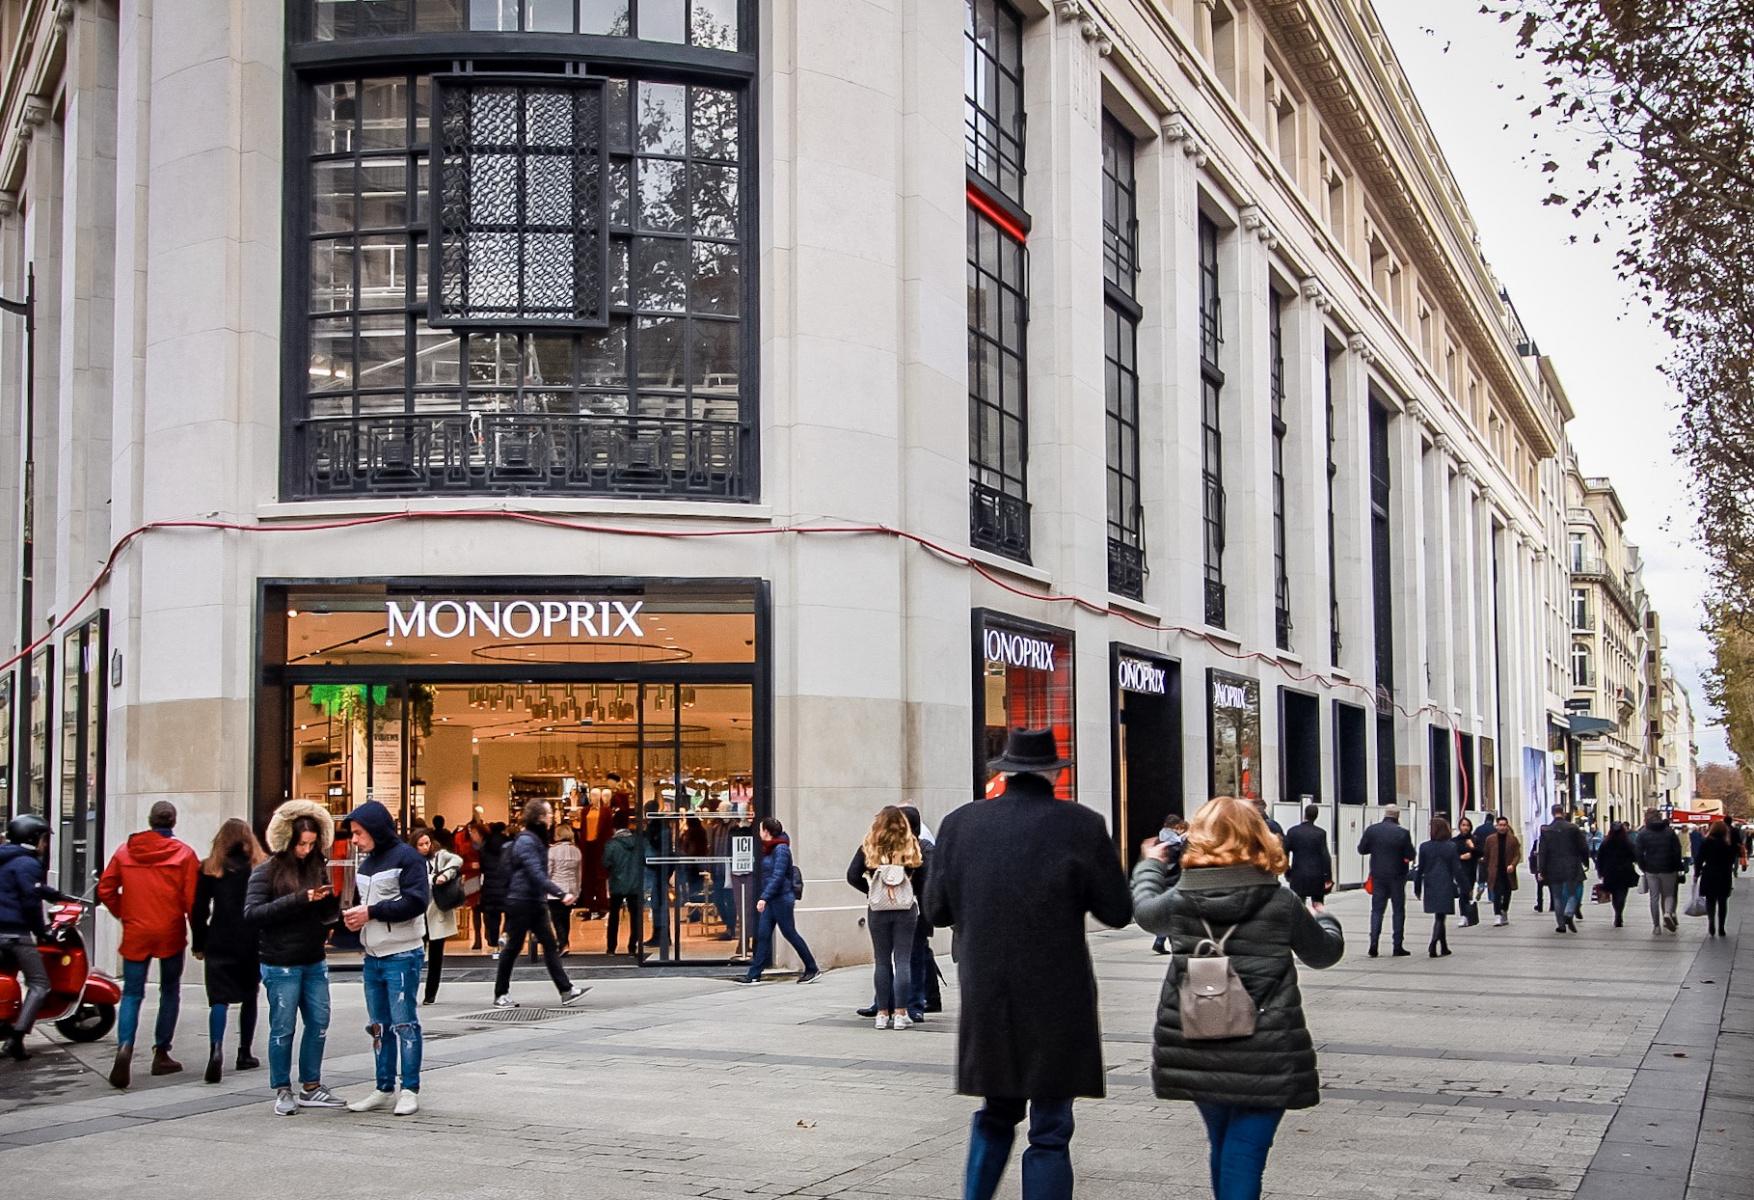 Calendrier De Lavent Monoprix 2020.Le Monoprix Des Champs Elysees Reouvre Ses Portes